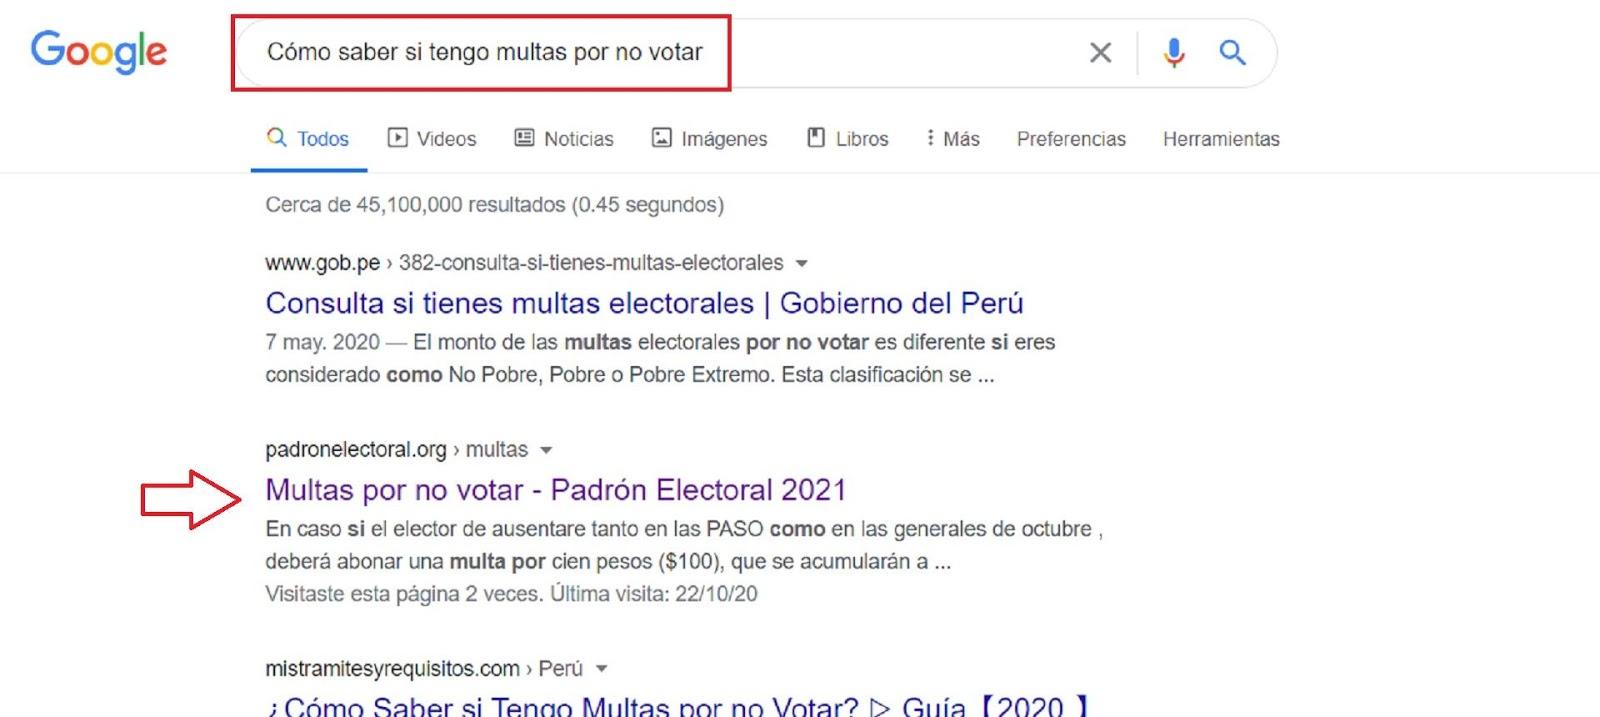 Como Saber Si Tengo Multas Por No Votar